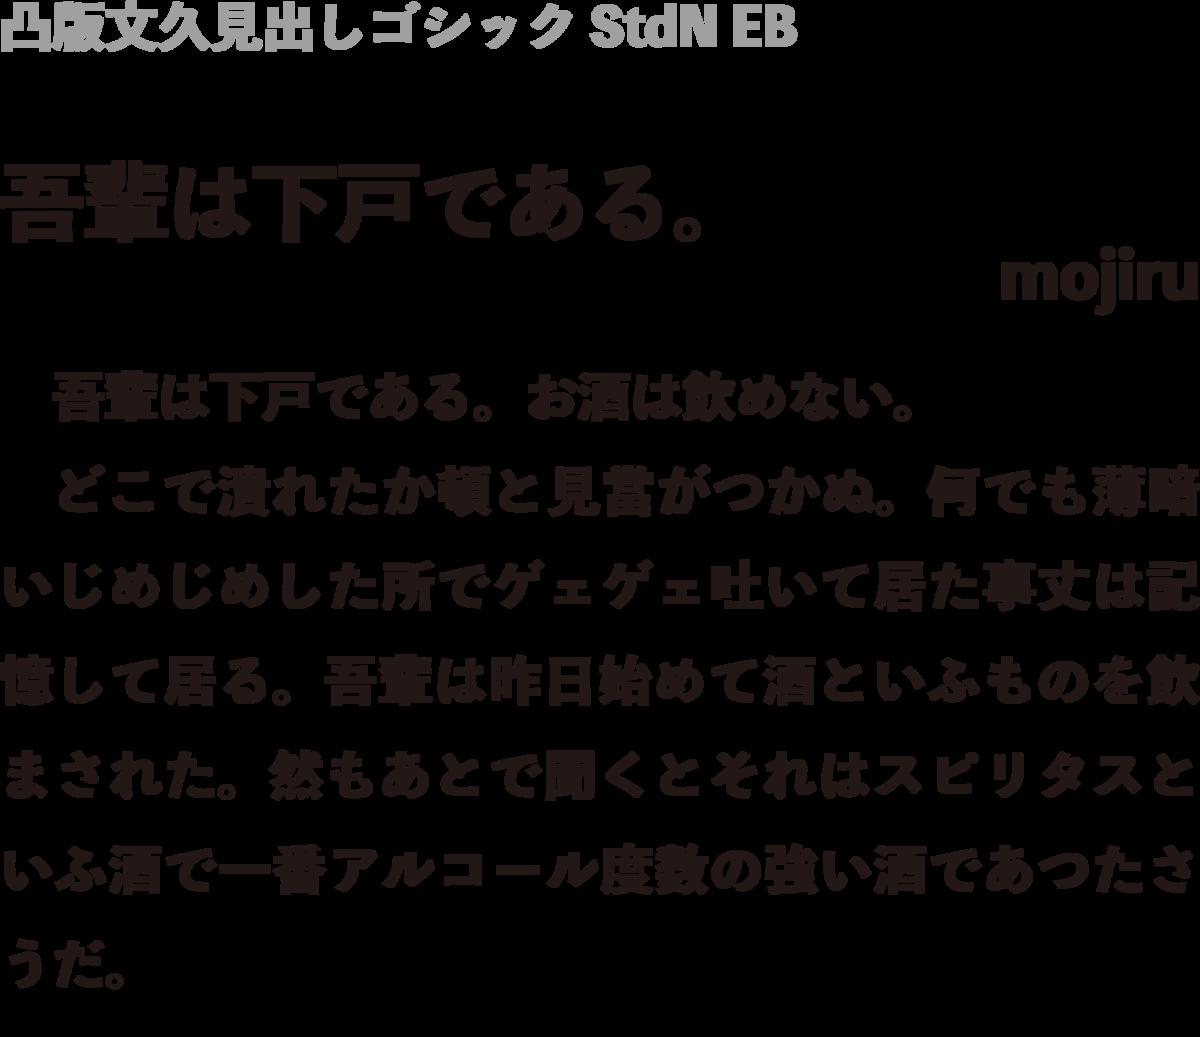 f:id:mojiru:20190410095002p:plain